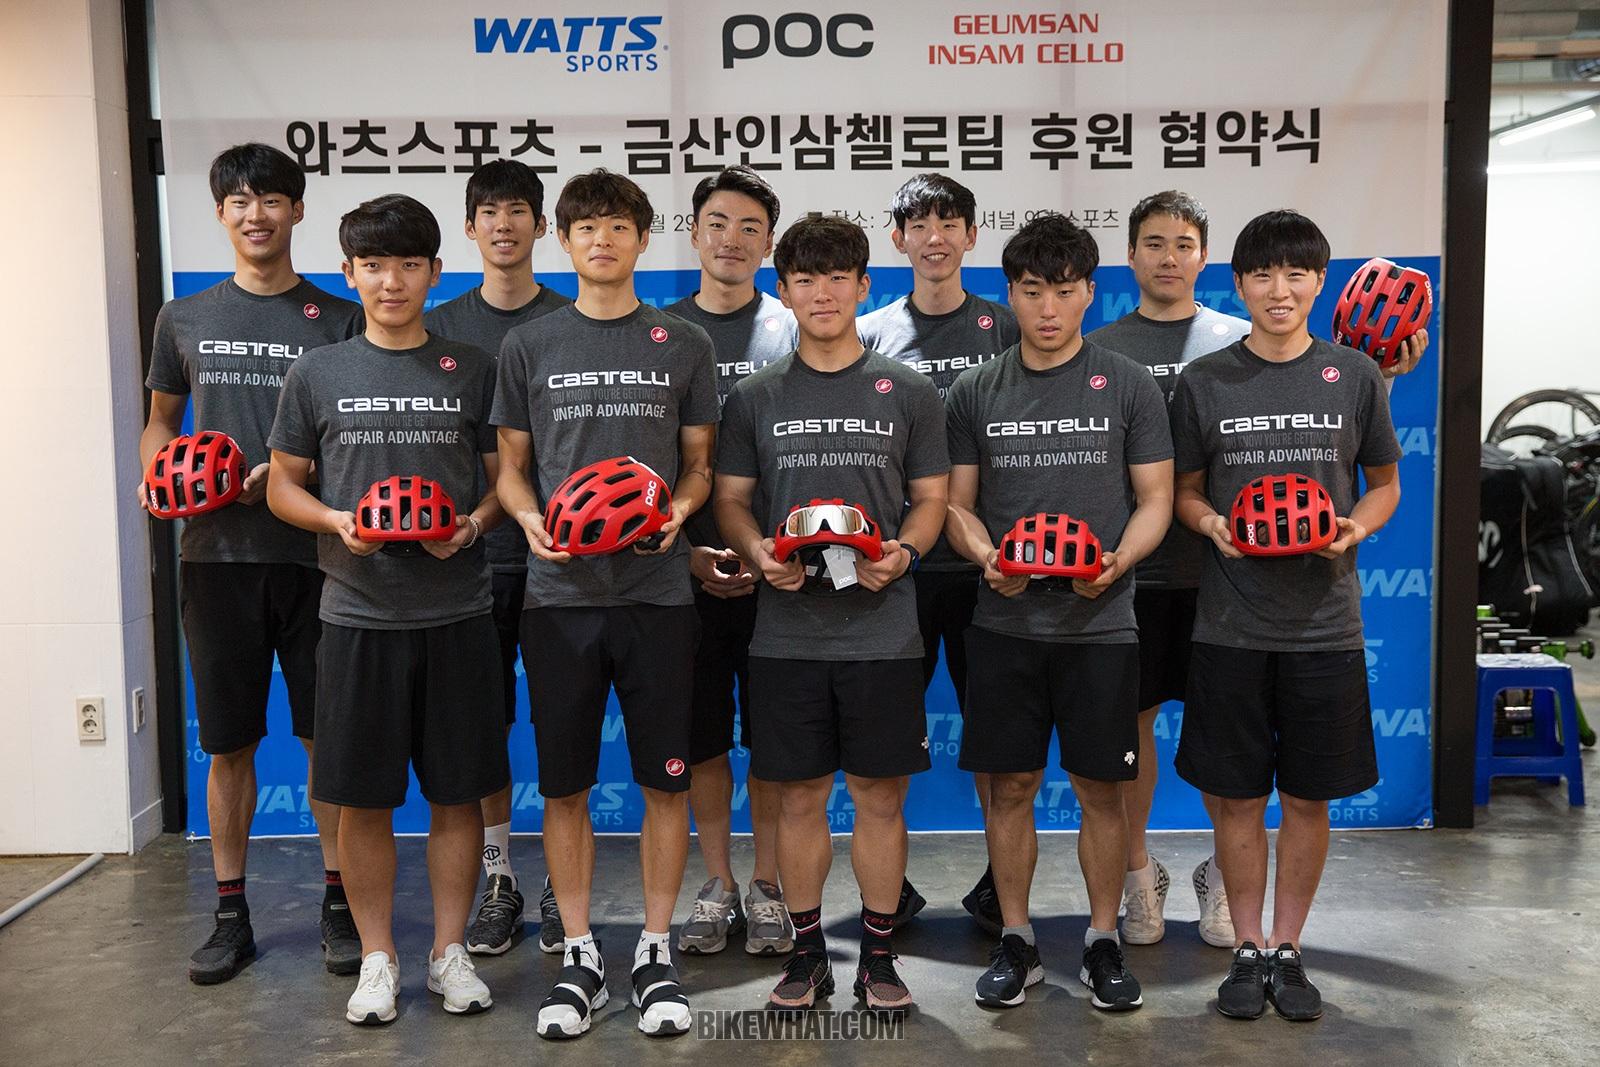 News_Watts_Geumsan_support_3.jpg